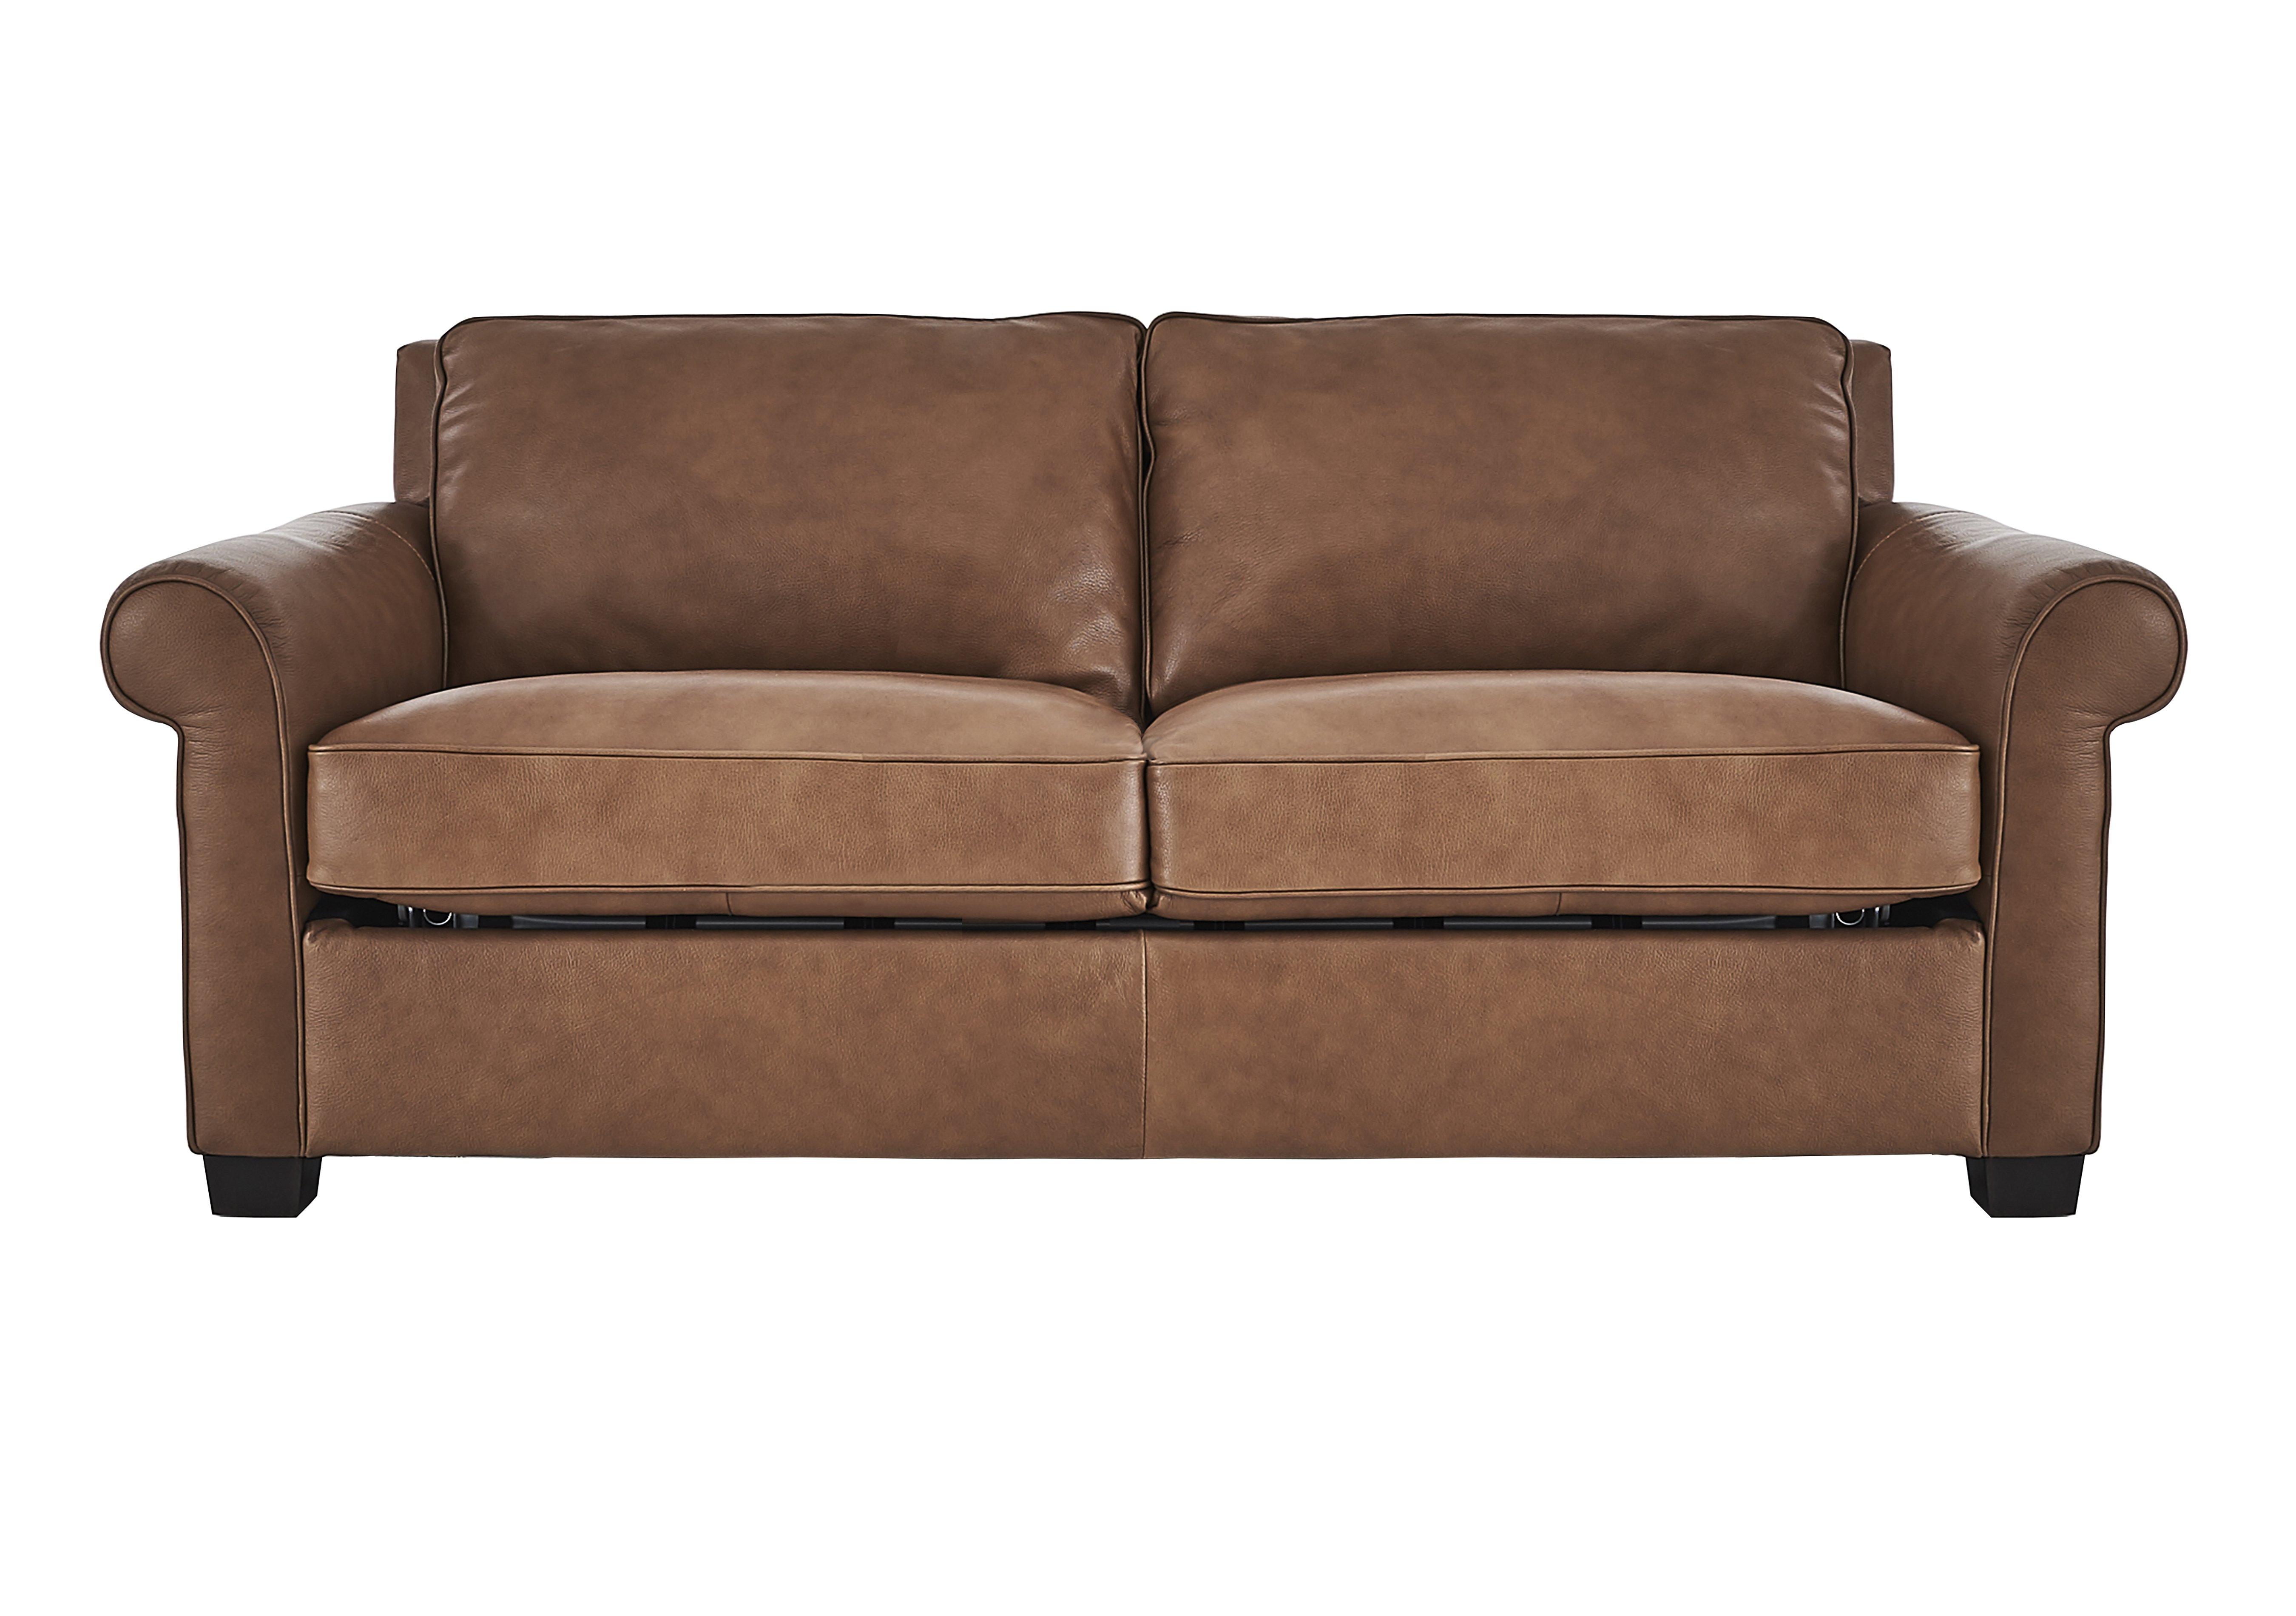 Campania 3 Seater Leather Sofa Bed Natuzzi Editions Furniture